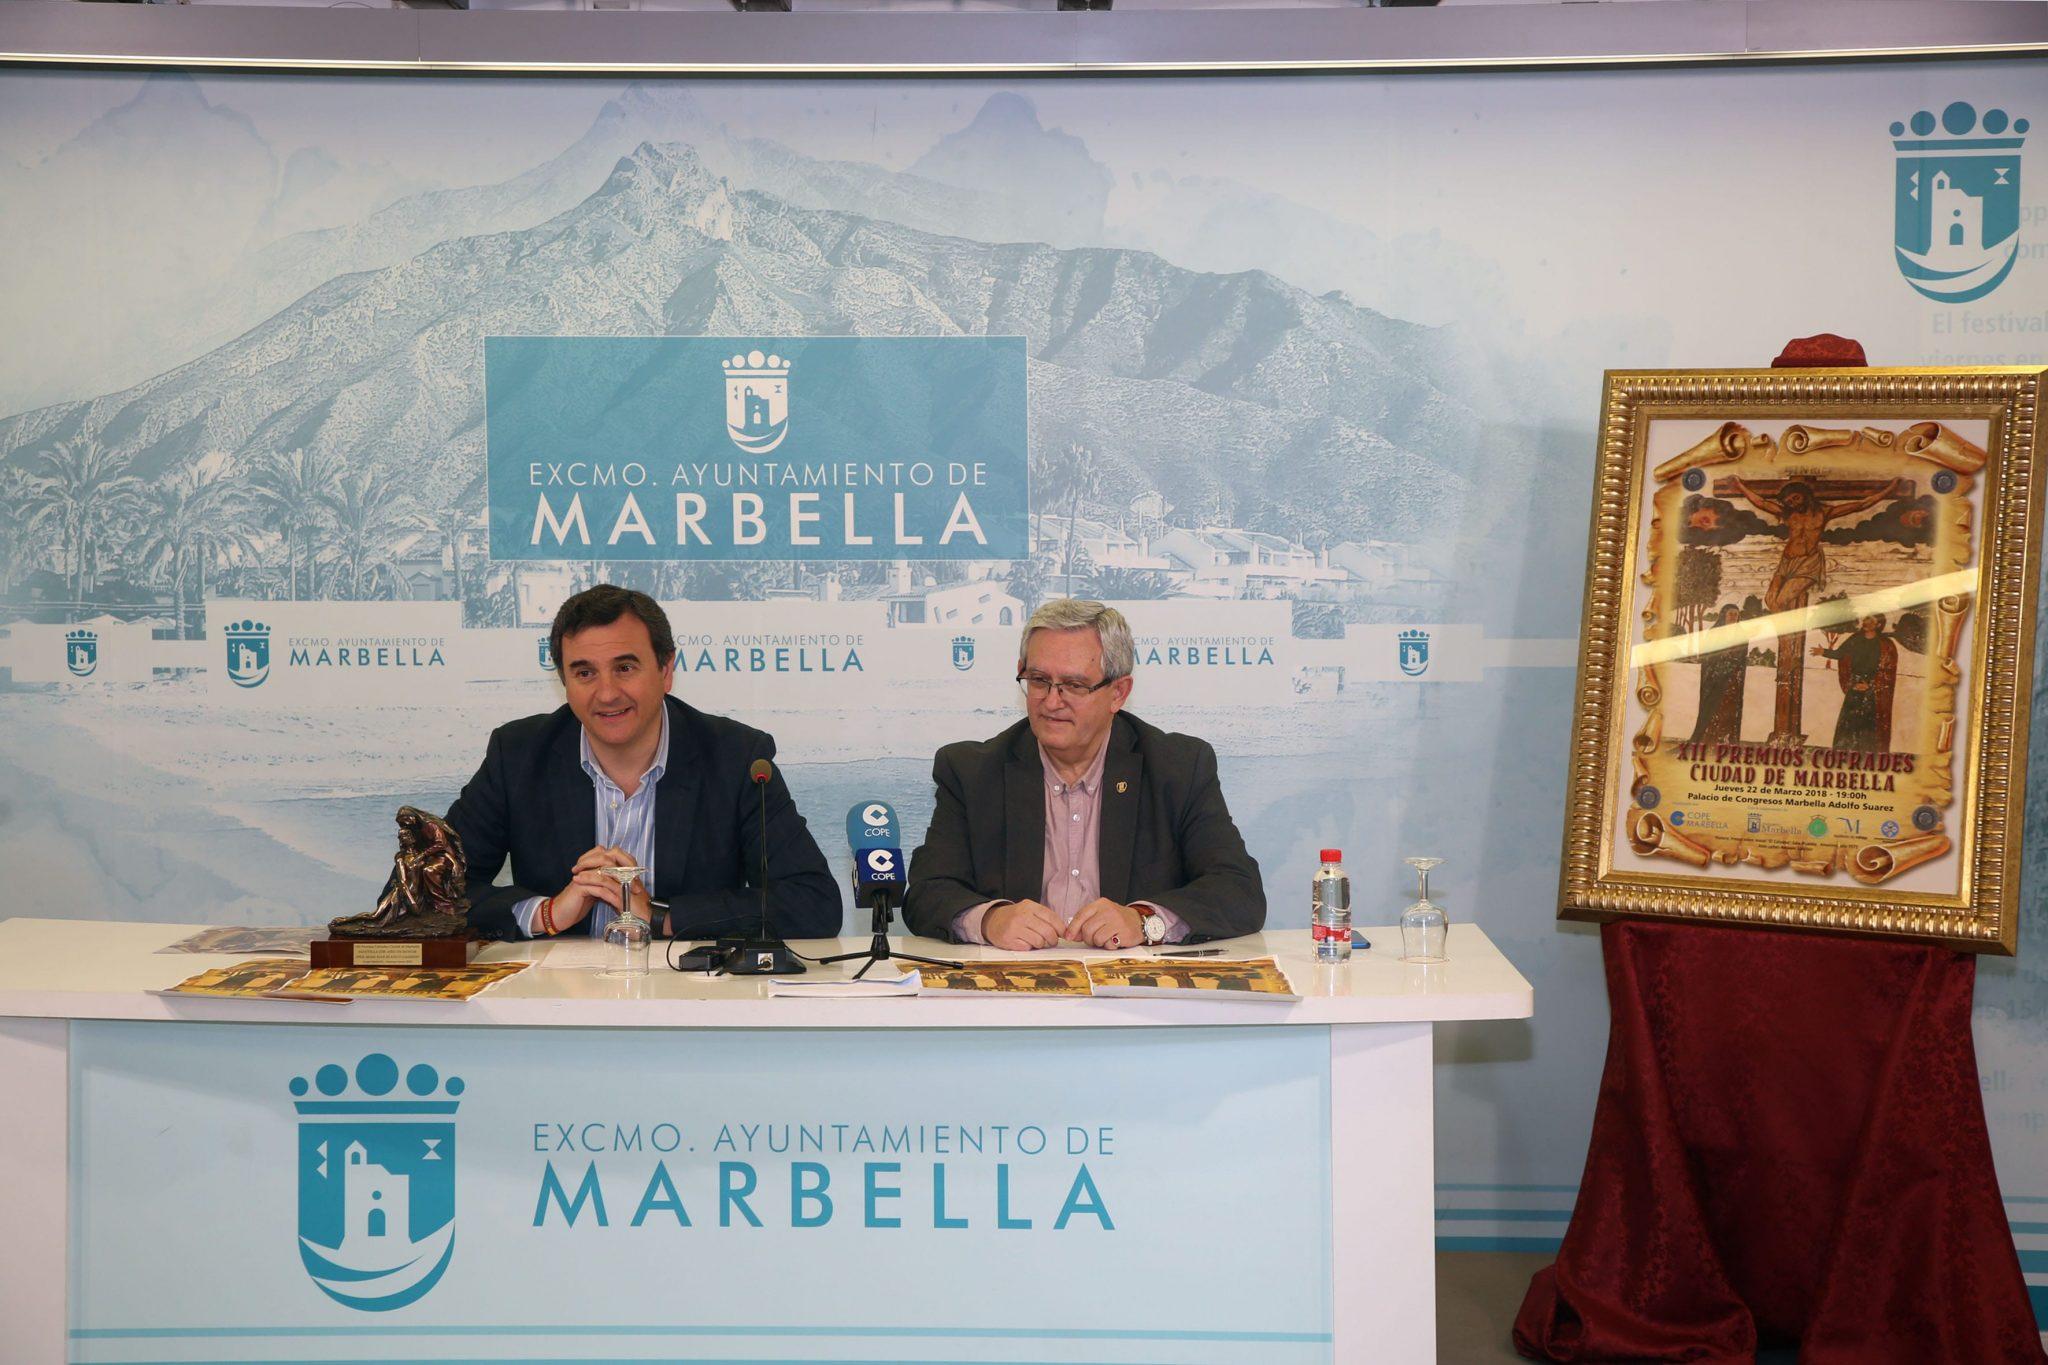 La XXII edición de los Premios Cofrades 'Ciudad de Marbella' tendrá lugar el próximo 22 de marzo